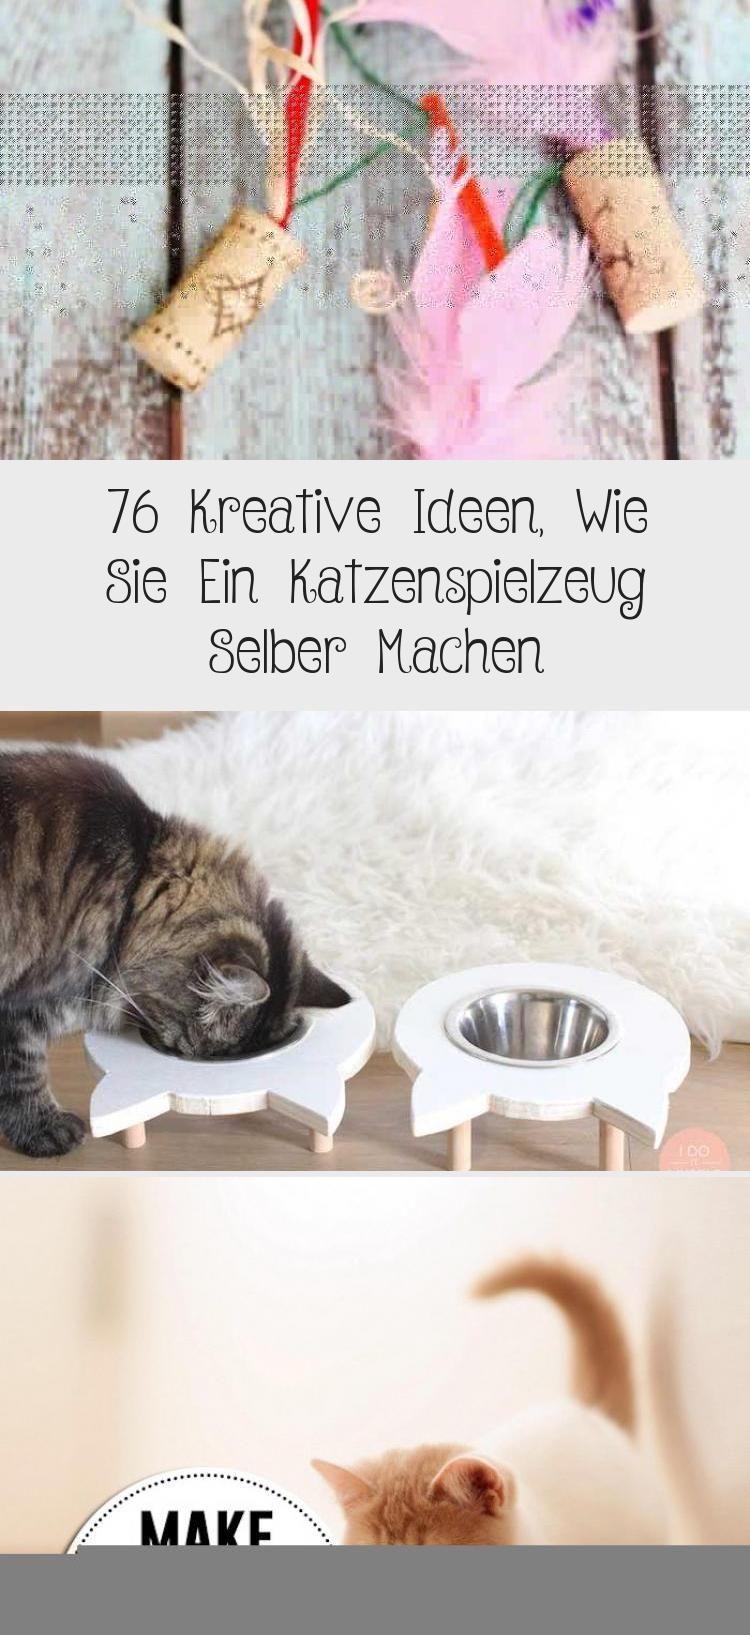 18+ 8 Kreative Ideen, Wie Sie Ein Katzenspielzeug Selber Machen ... Fotos